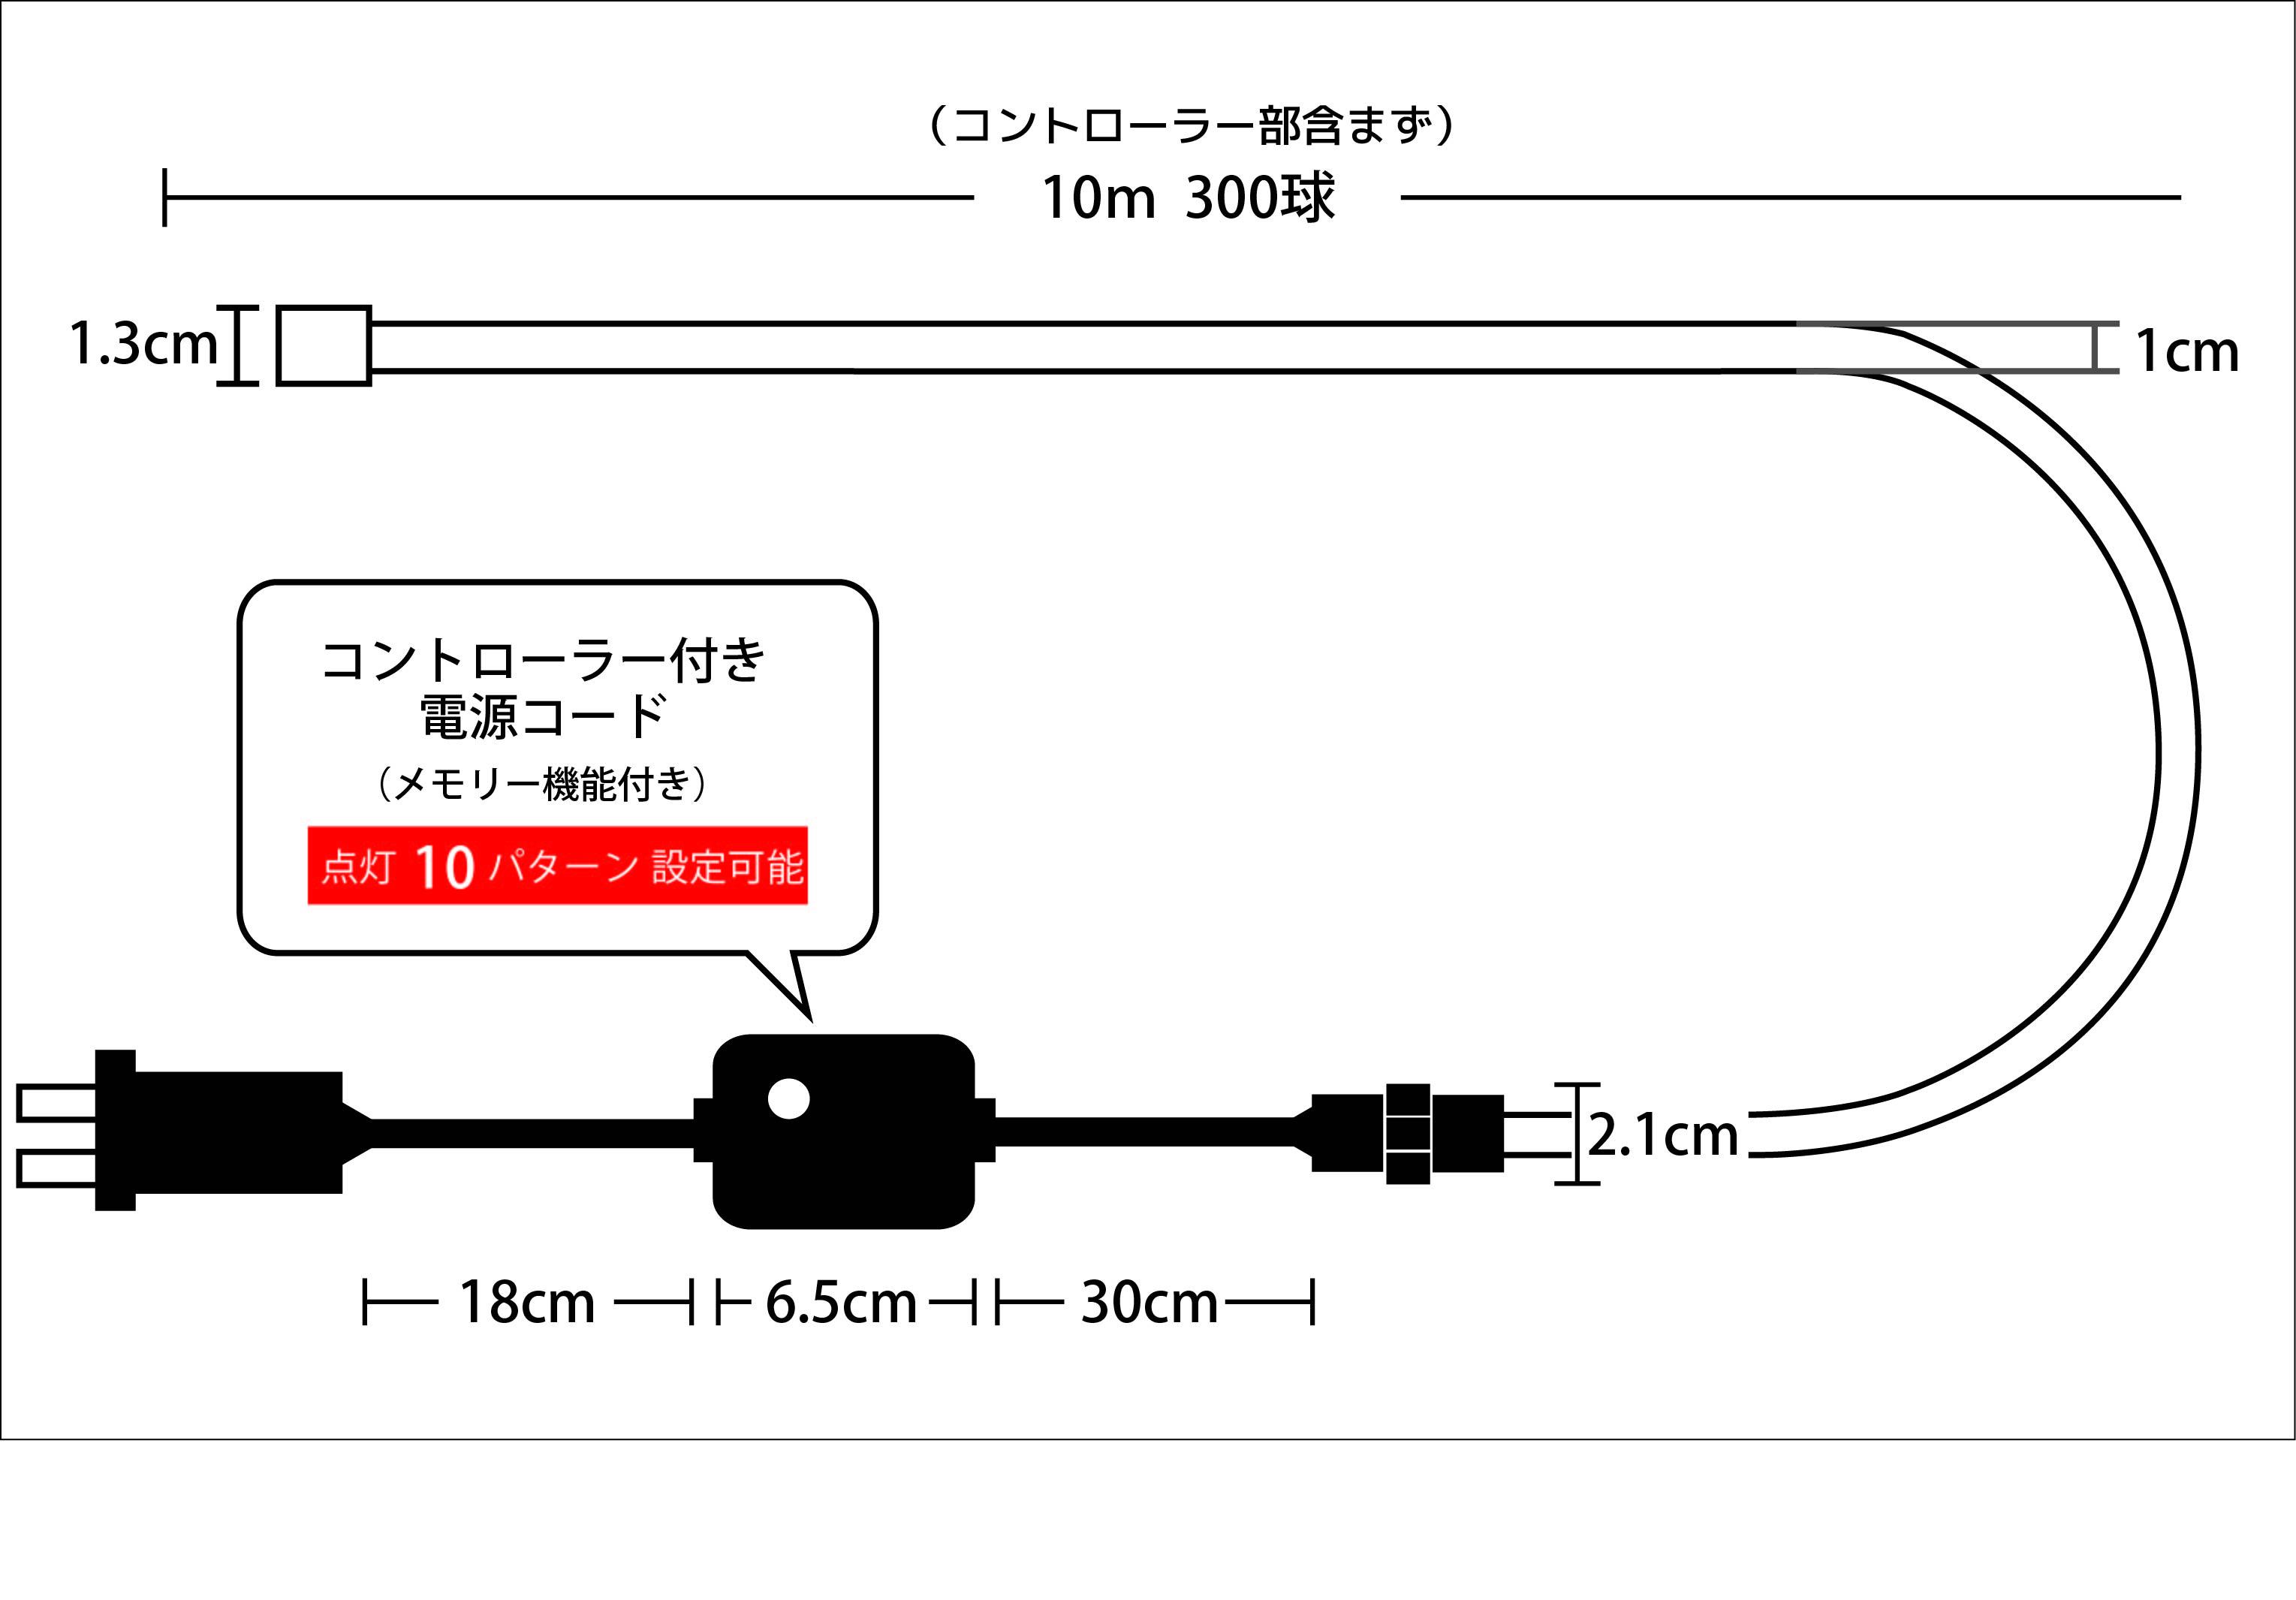 イルミネーションナ光が流れるチューブライト 10M ミックス 設計図